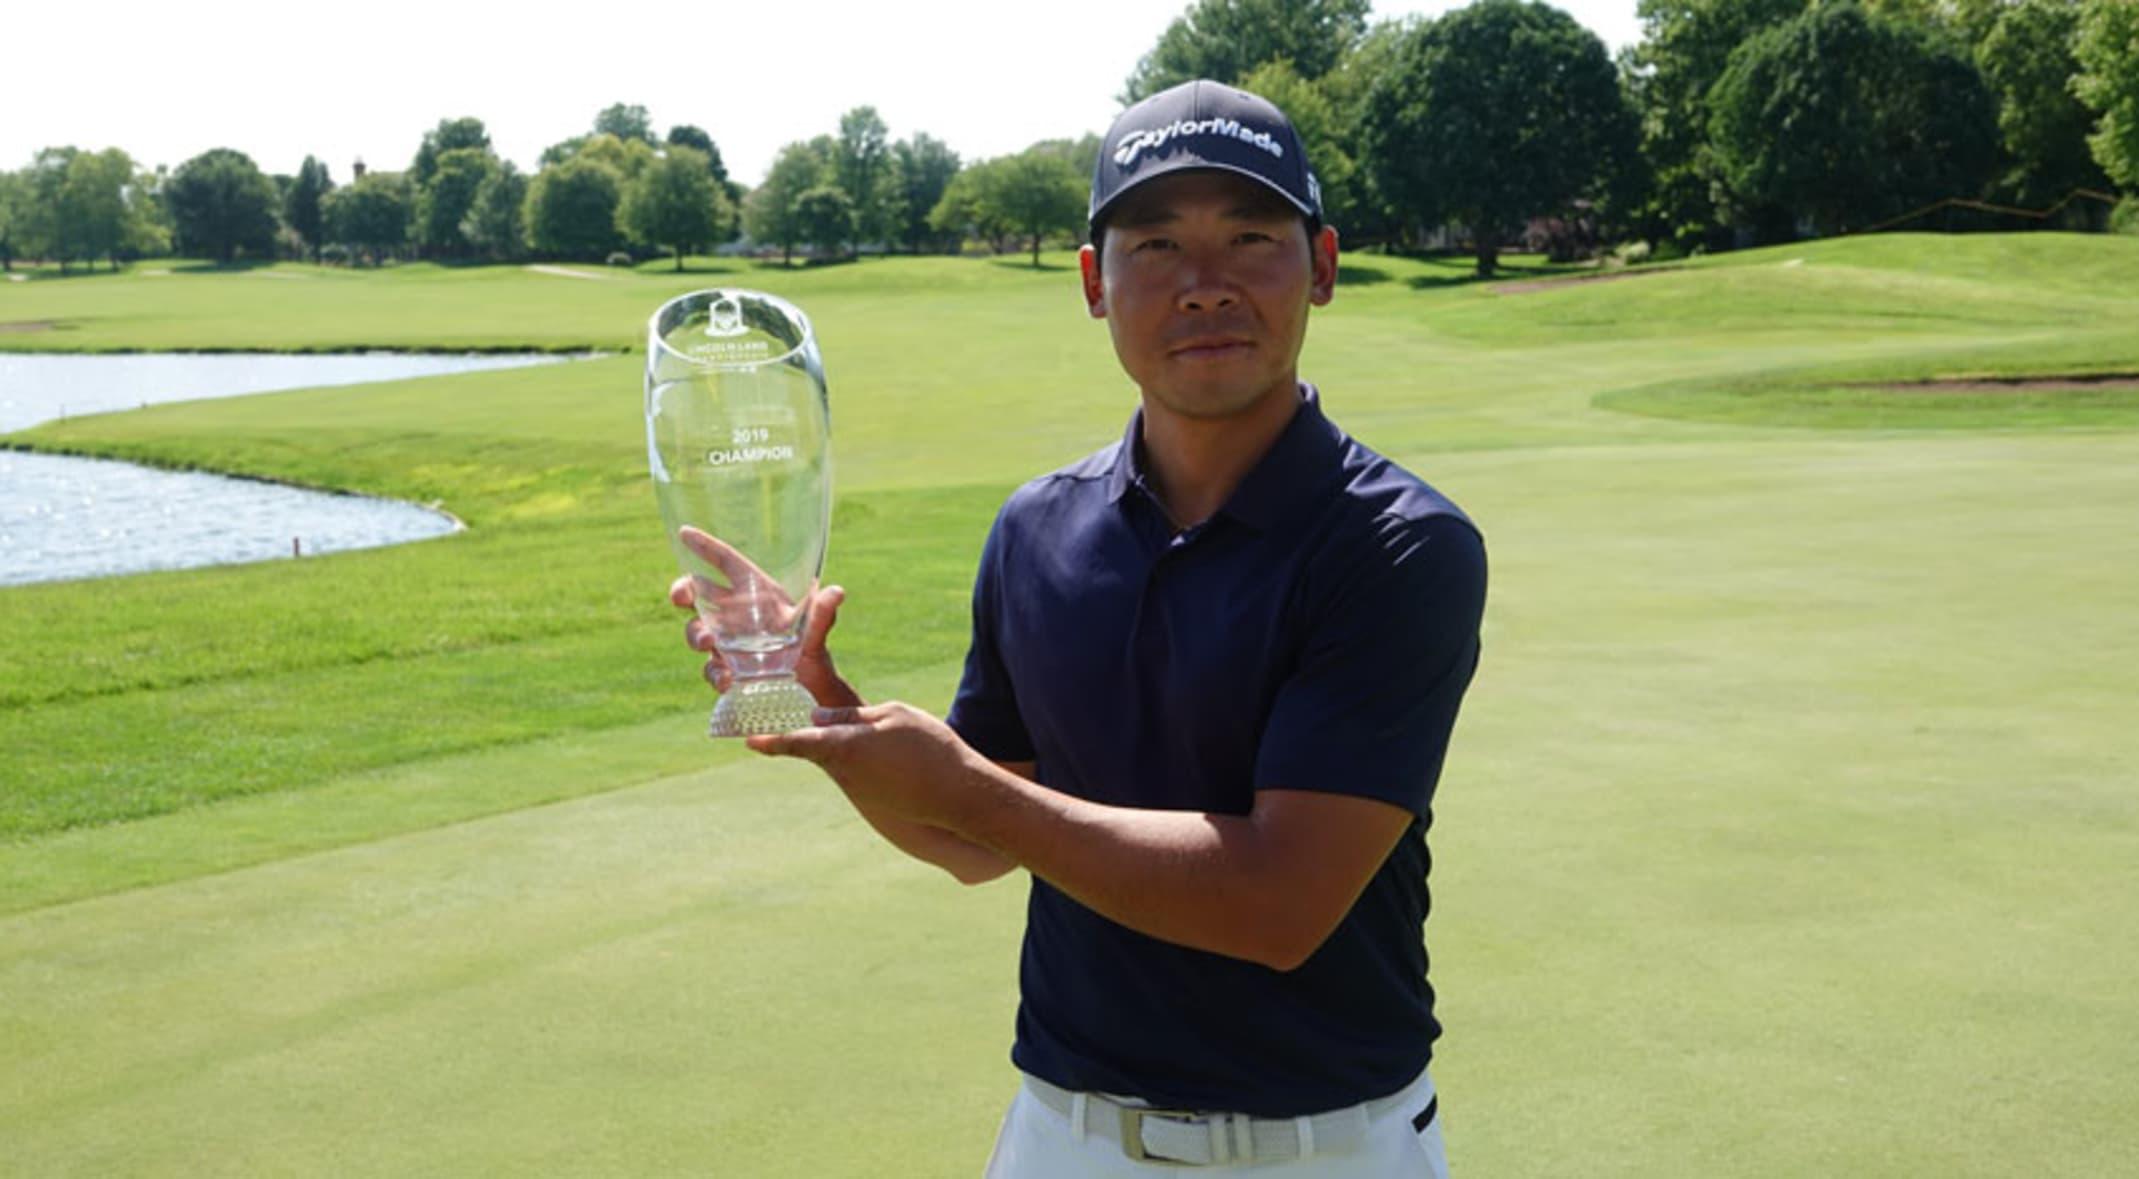 Defending champion Xinjun Zhang